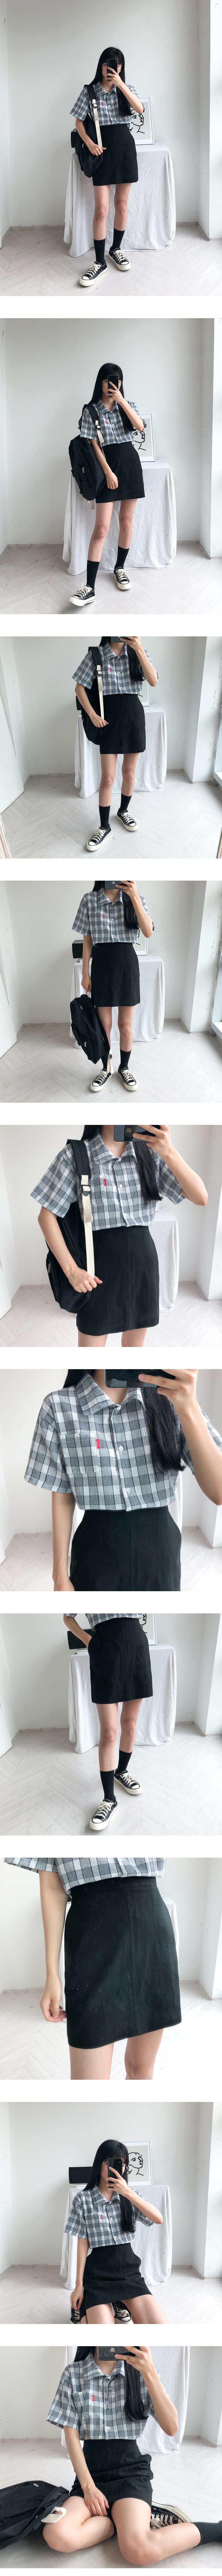 Tien skirt